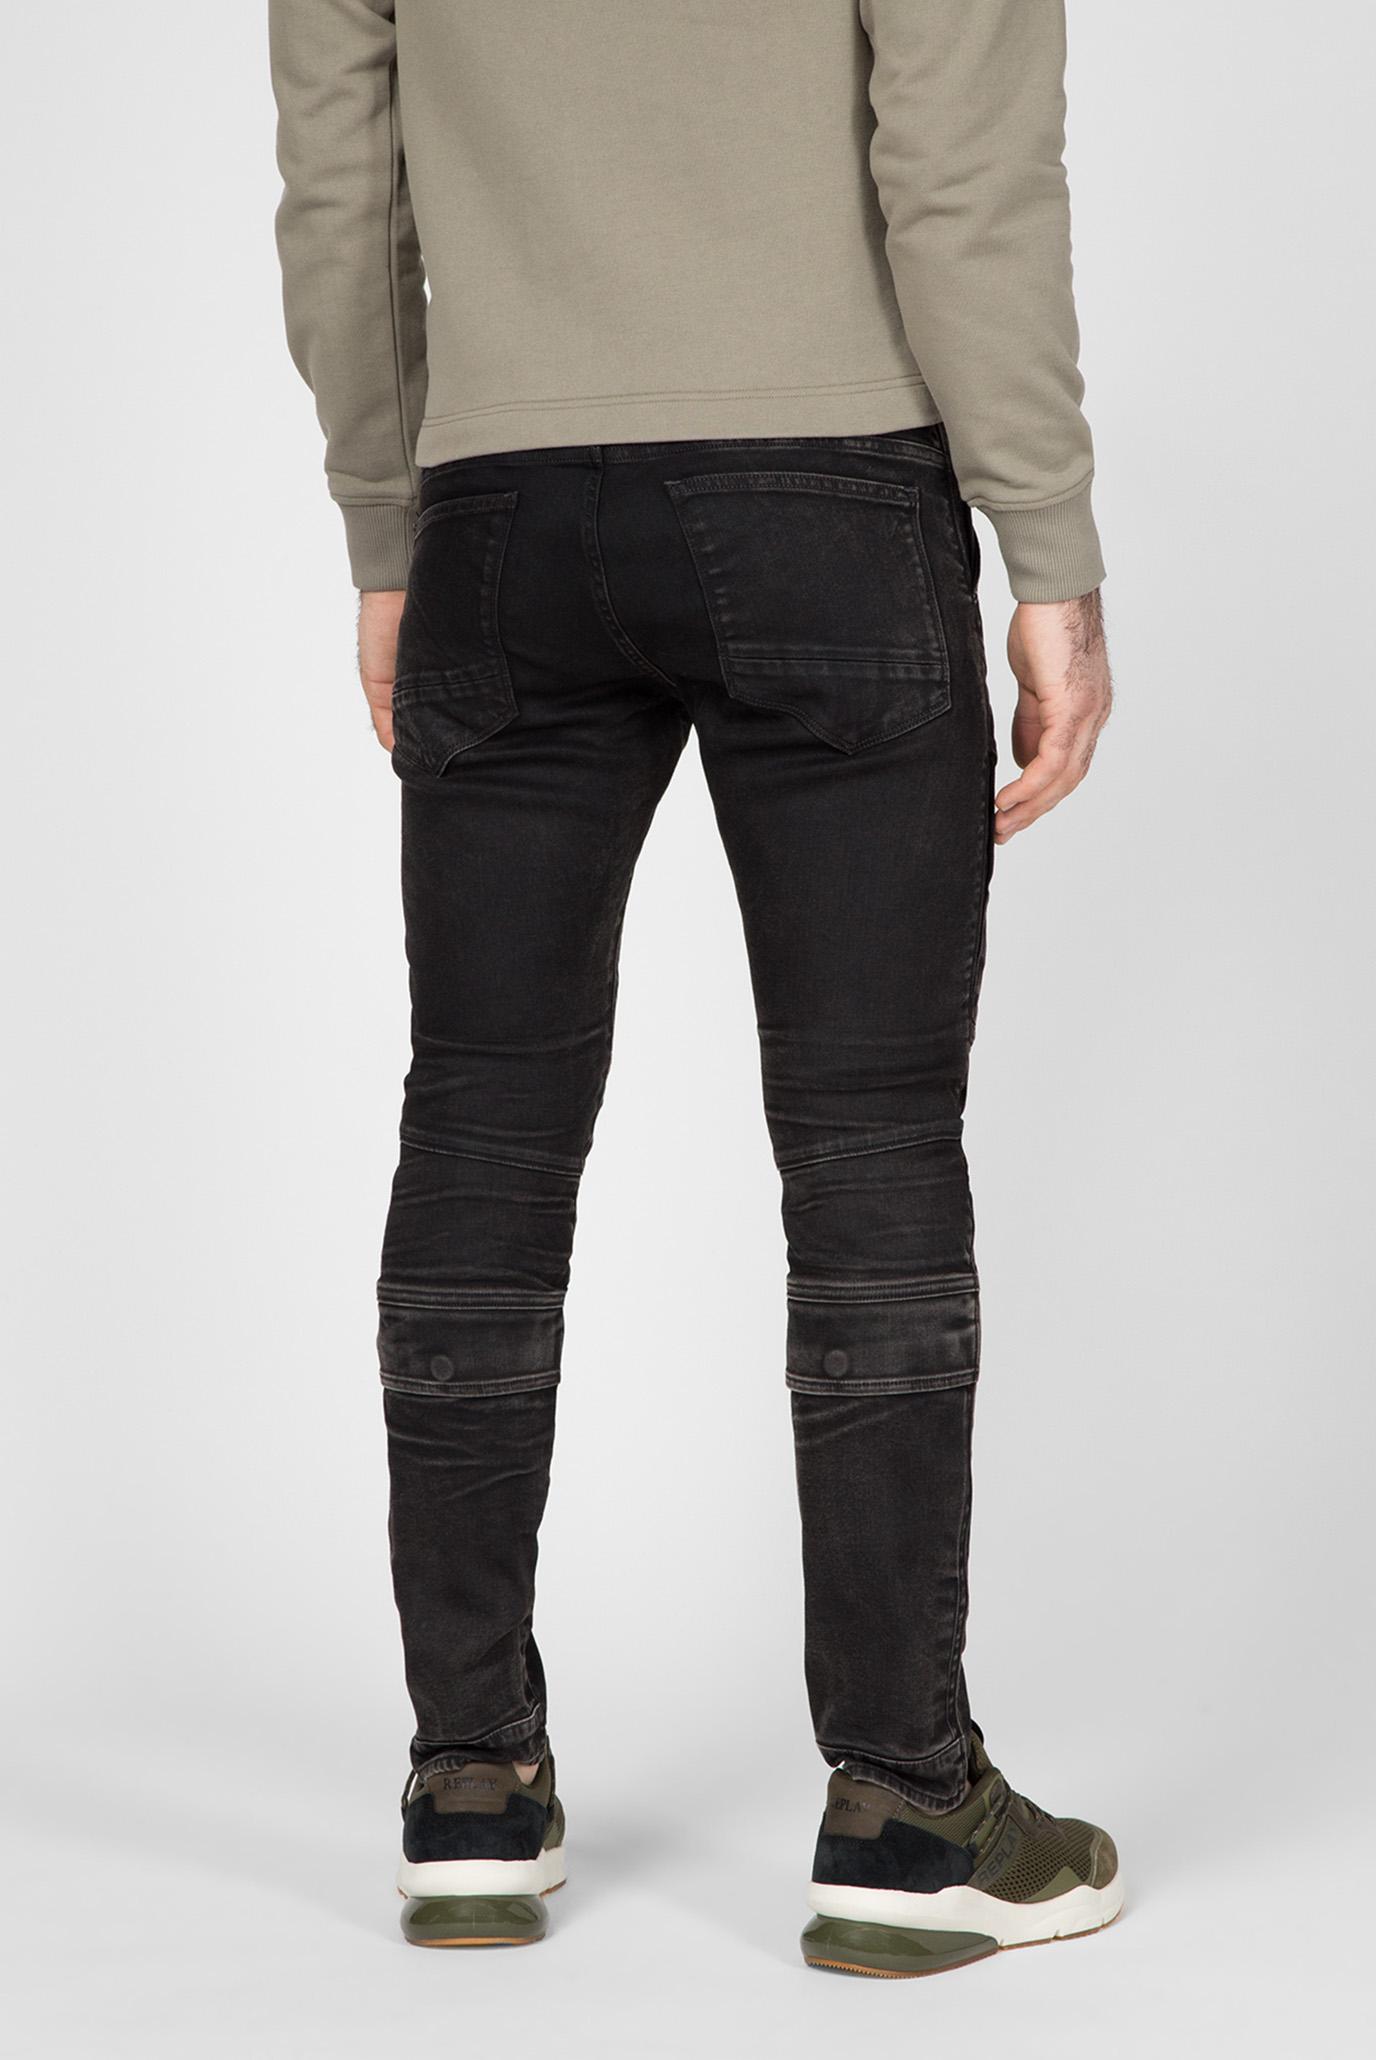 Мужские черные джинсы Airblaze 3D Skinny G-Star RAW